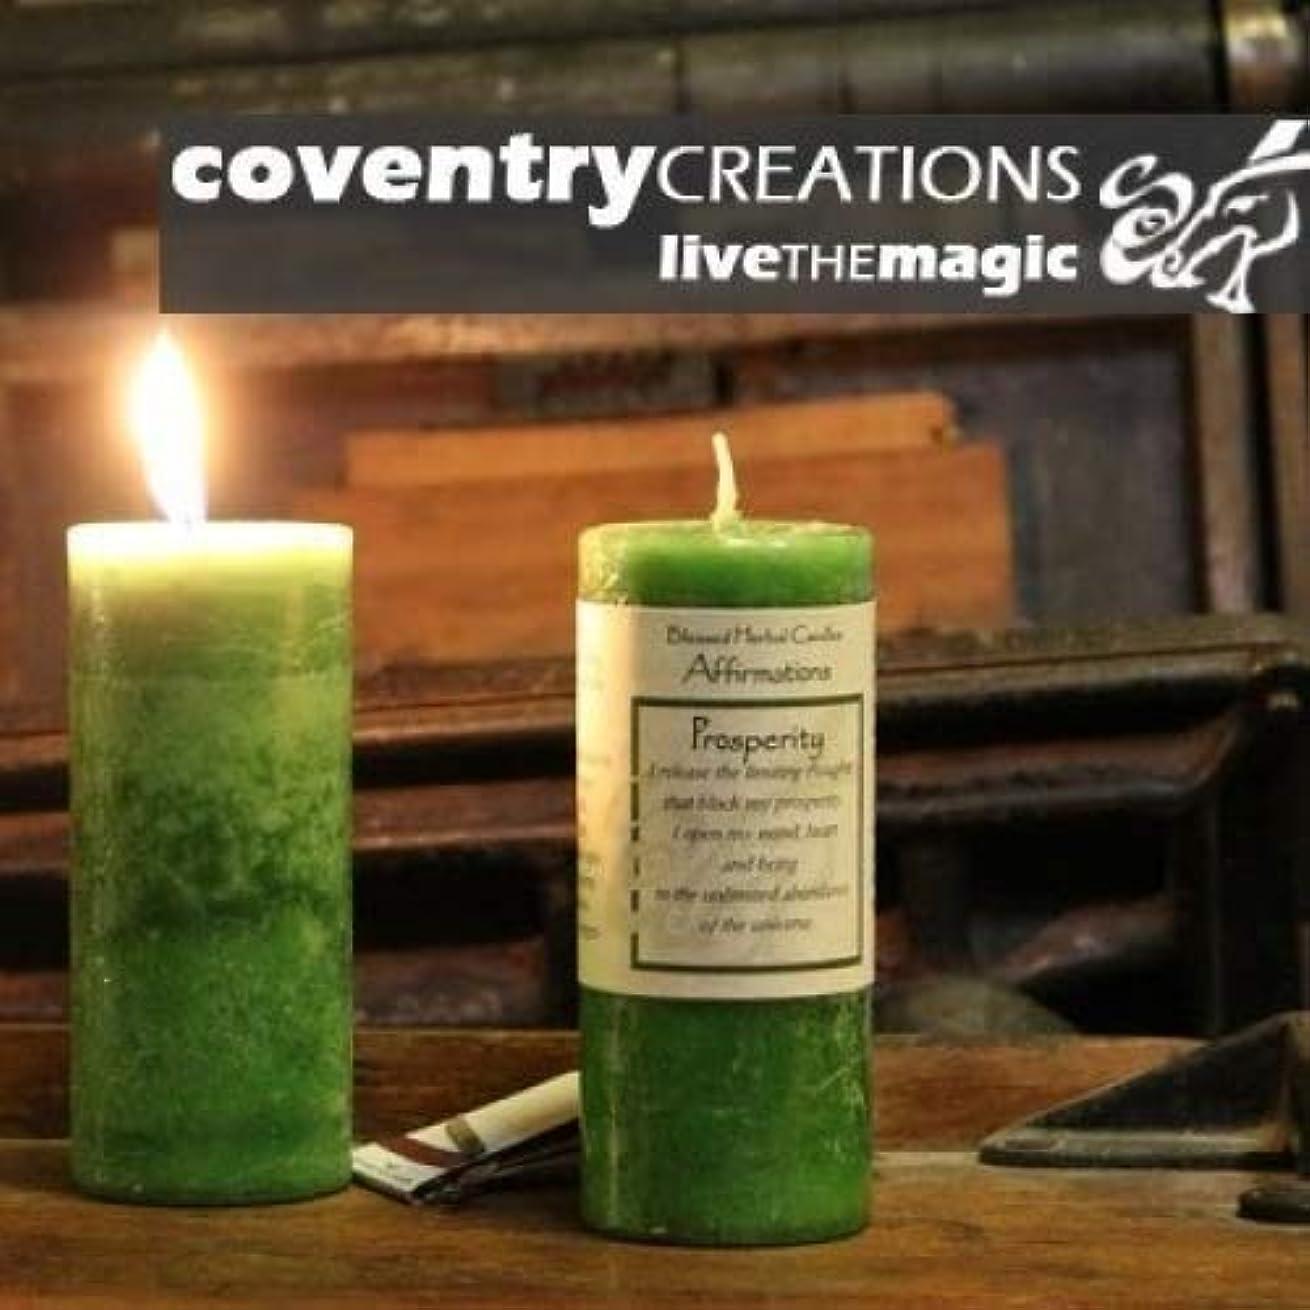 遊びます合併印象派Affirmations - Prosperity Candle by Coventry Creations